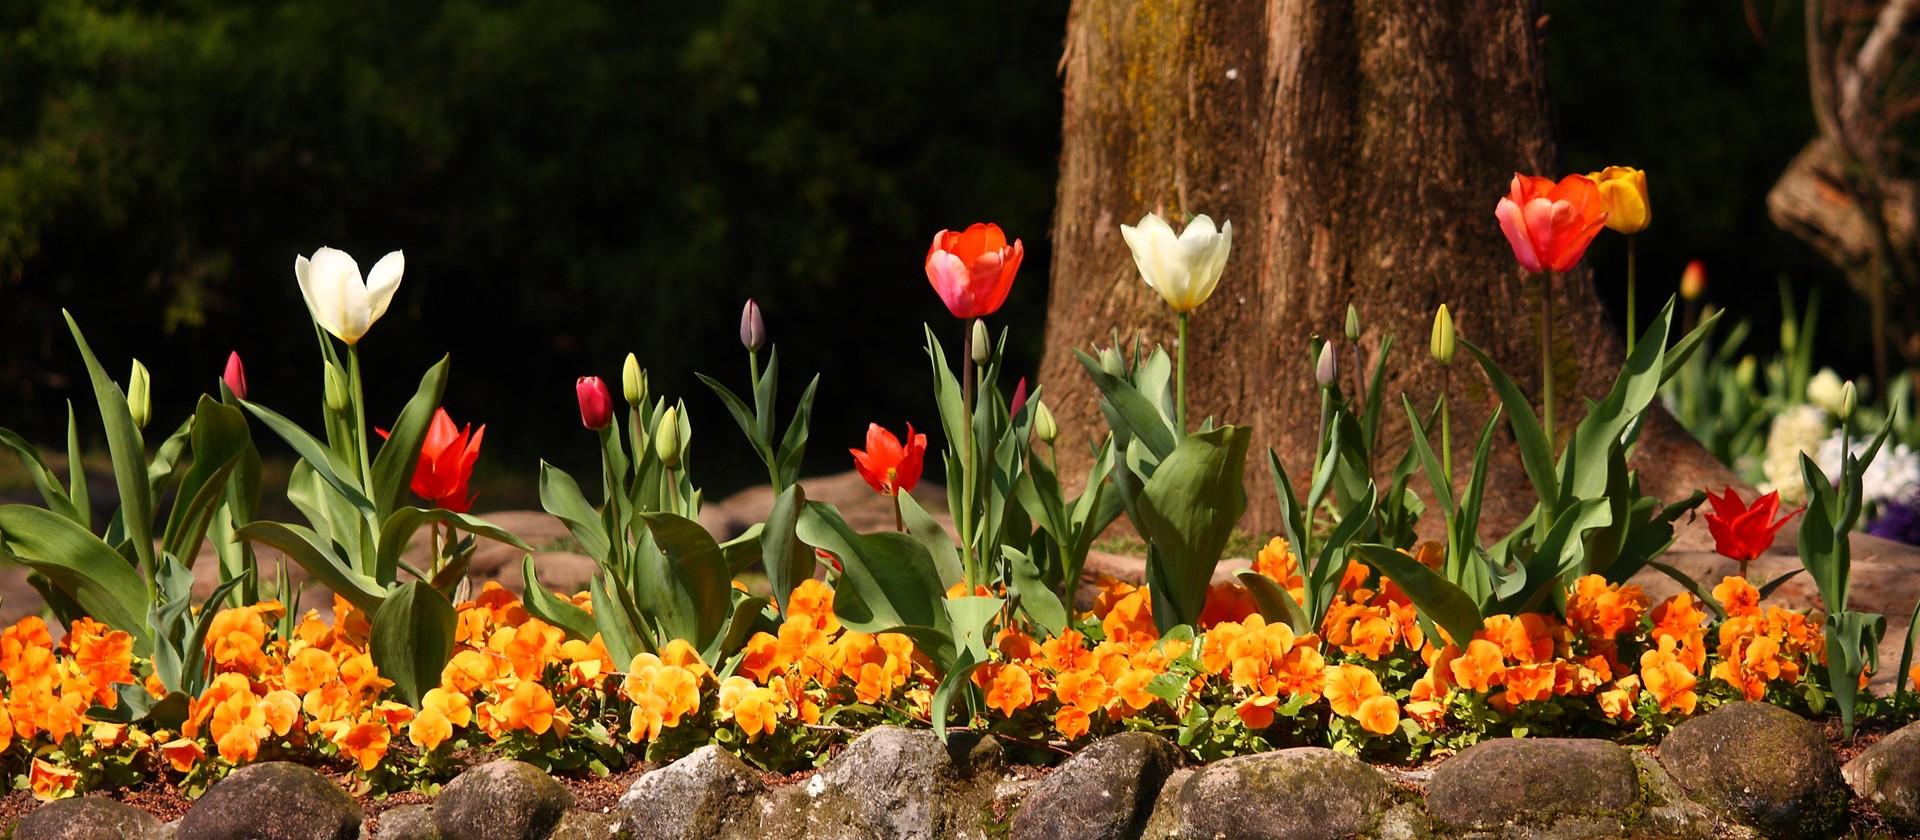 Botanischer Garten Hruska In Gardone Entdecke Den Gardasee